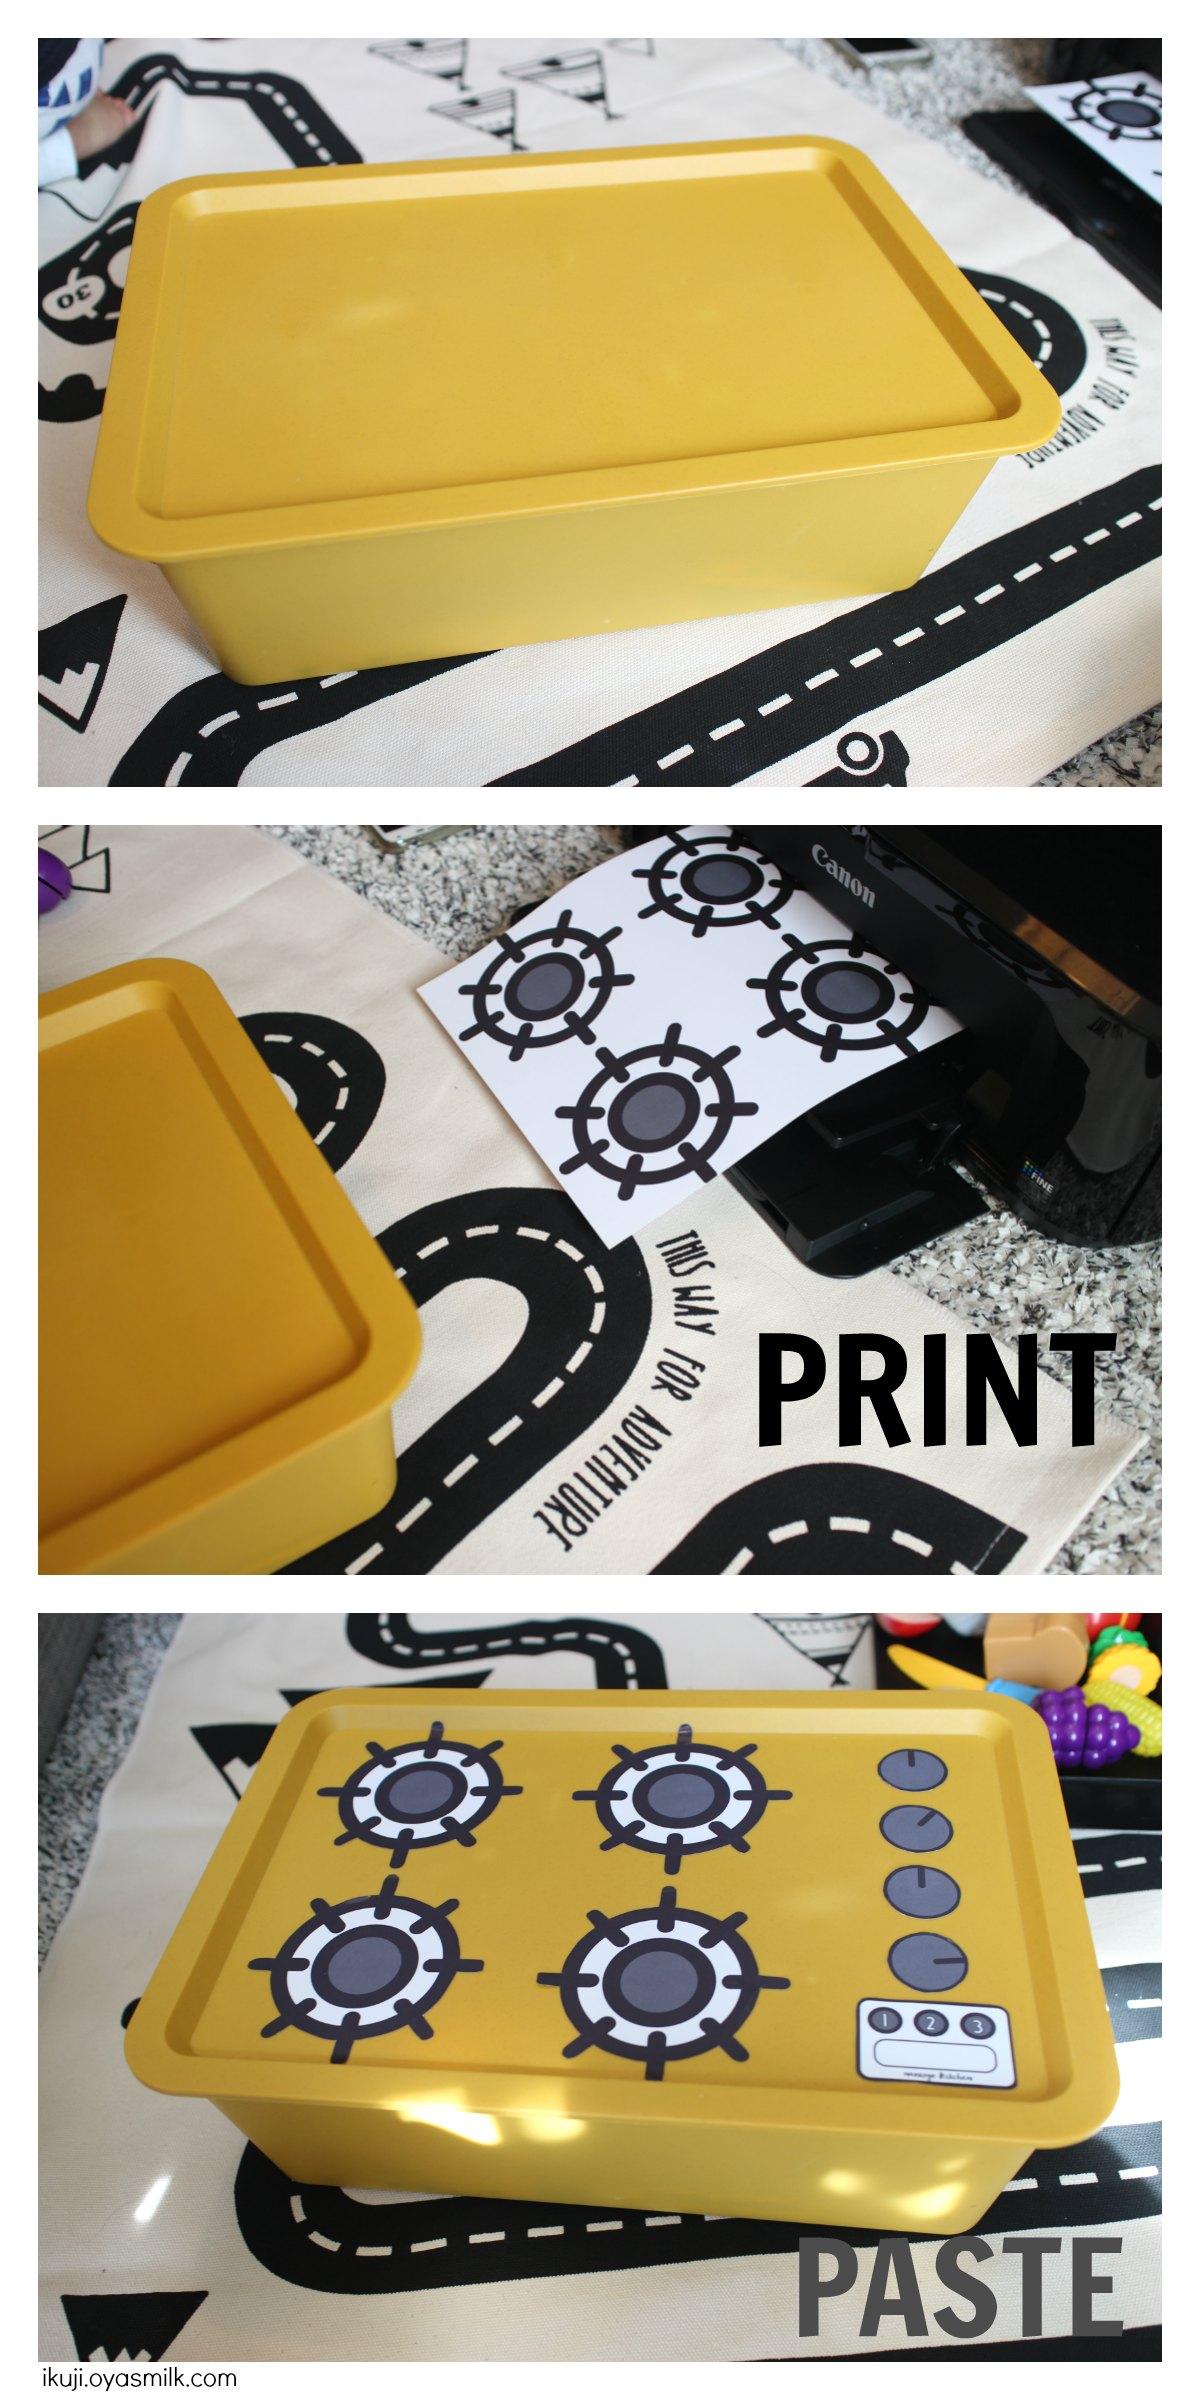 printable-kitchen-oven-tutorial